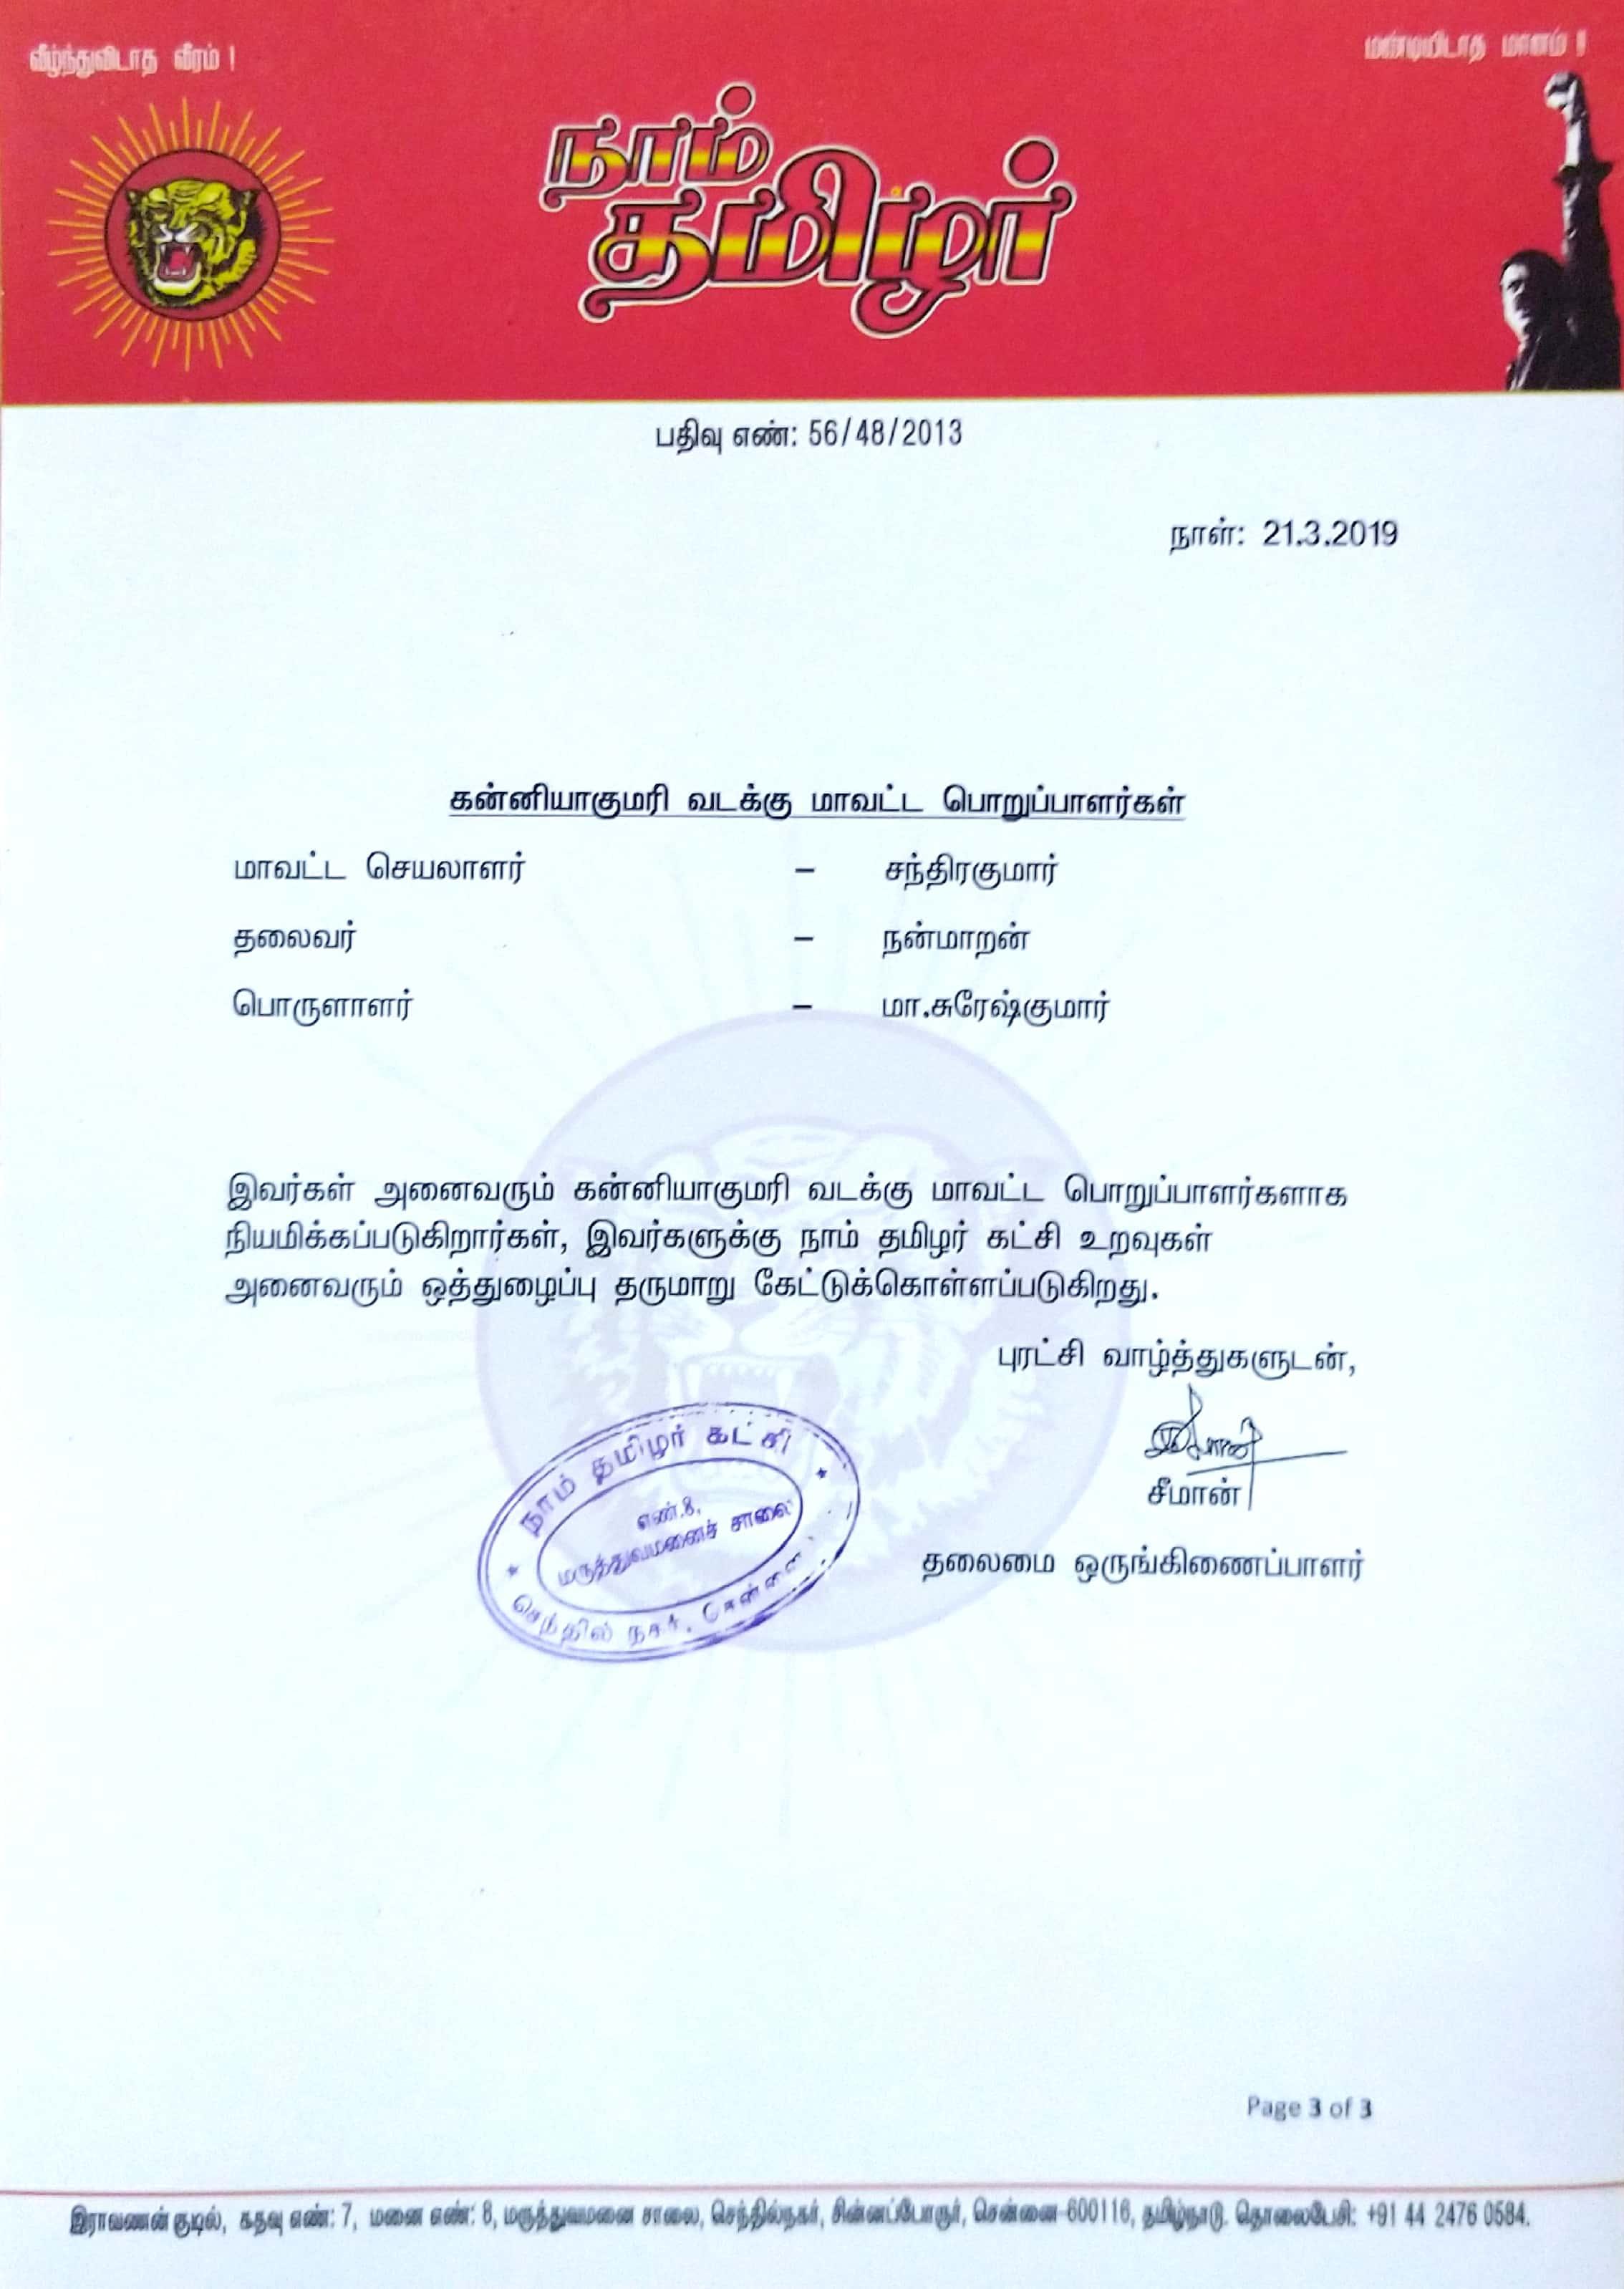 தலைமை அறிவிப்பு: கன்னியாகுமரி வடக்கு மாவட்டப் பொறுப்பாளர்கள் பட்டியல்